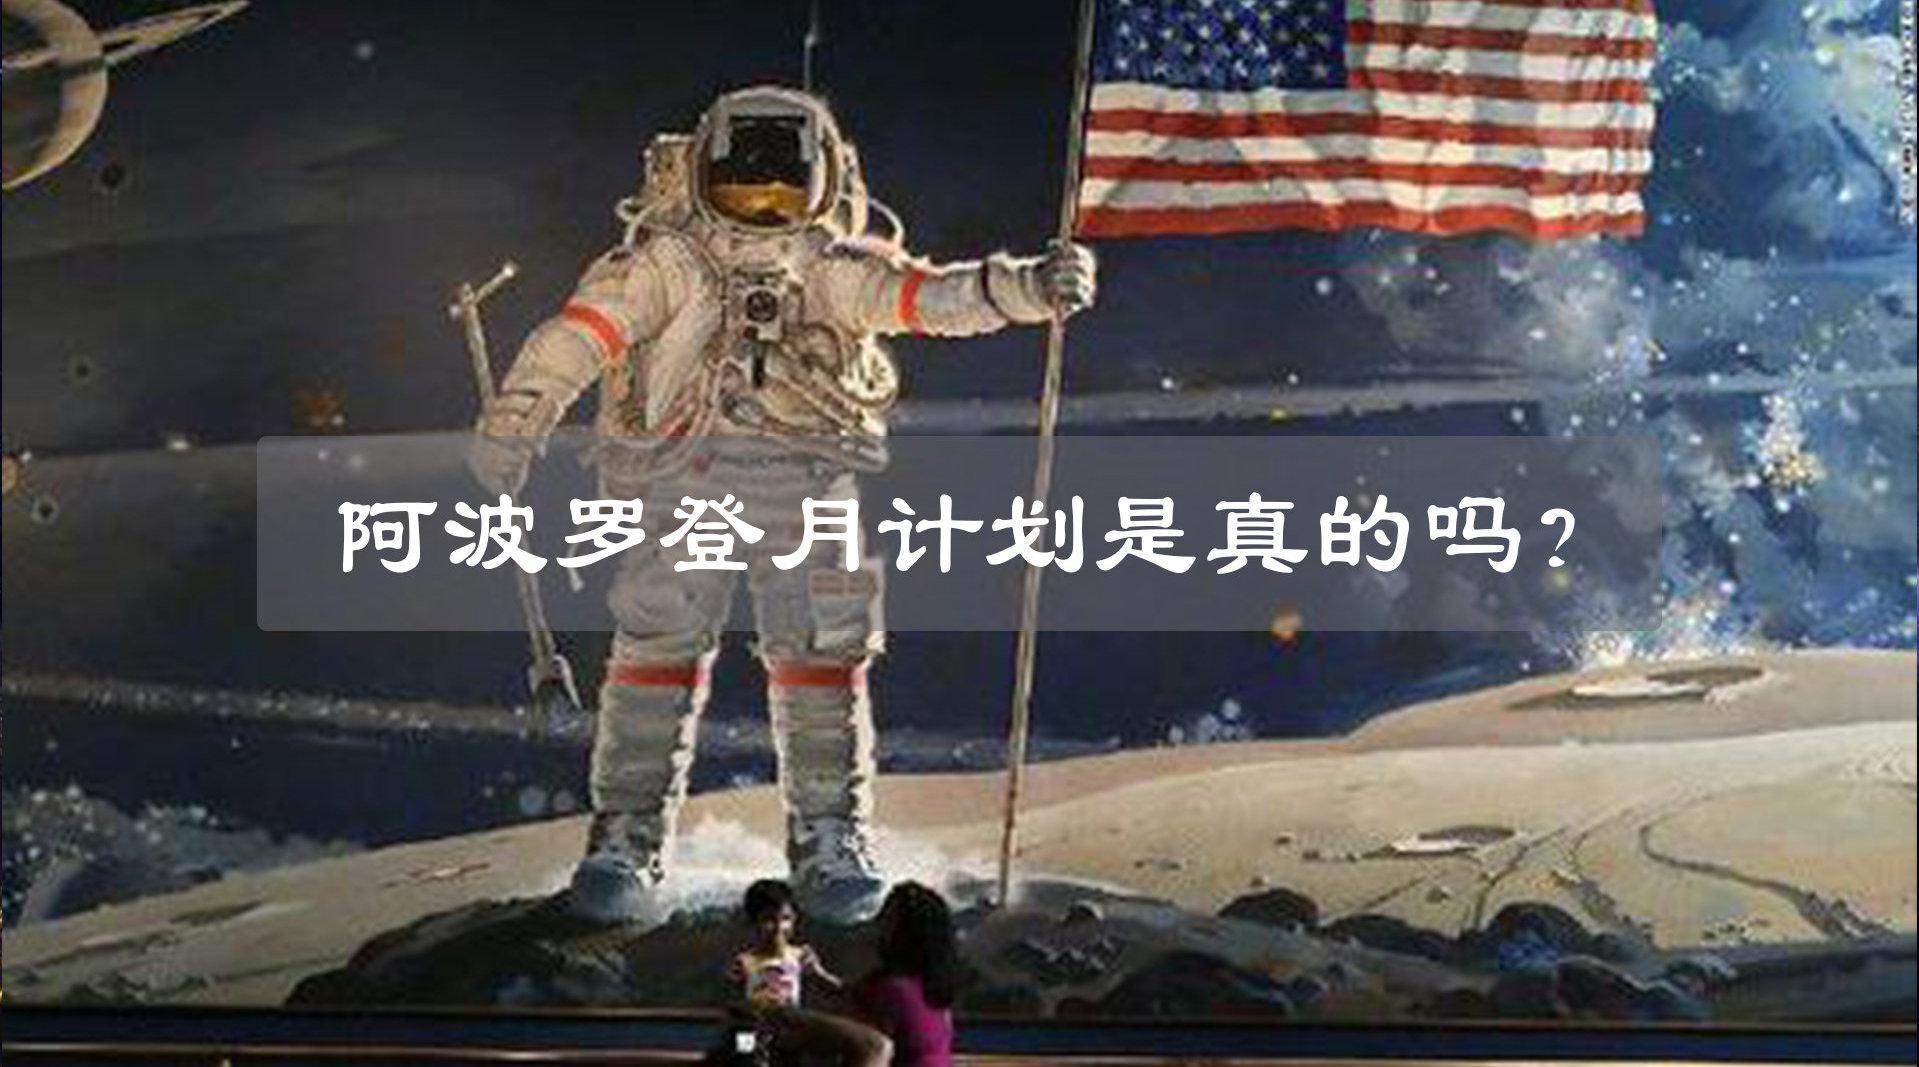 阿波罗登月计划是真的,不是假的,那么登月留下的脚印还在吗?